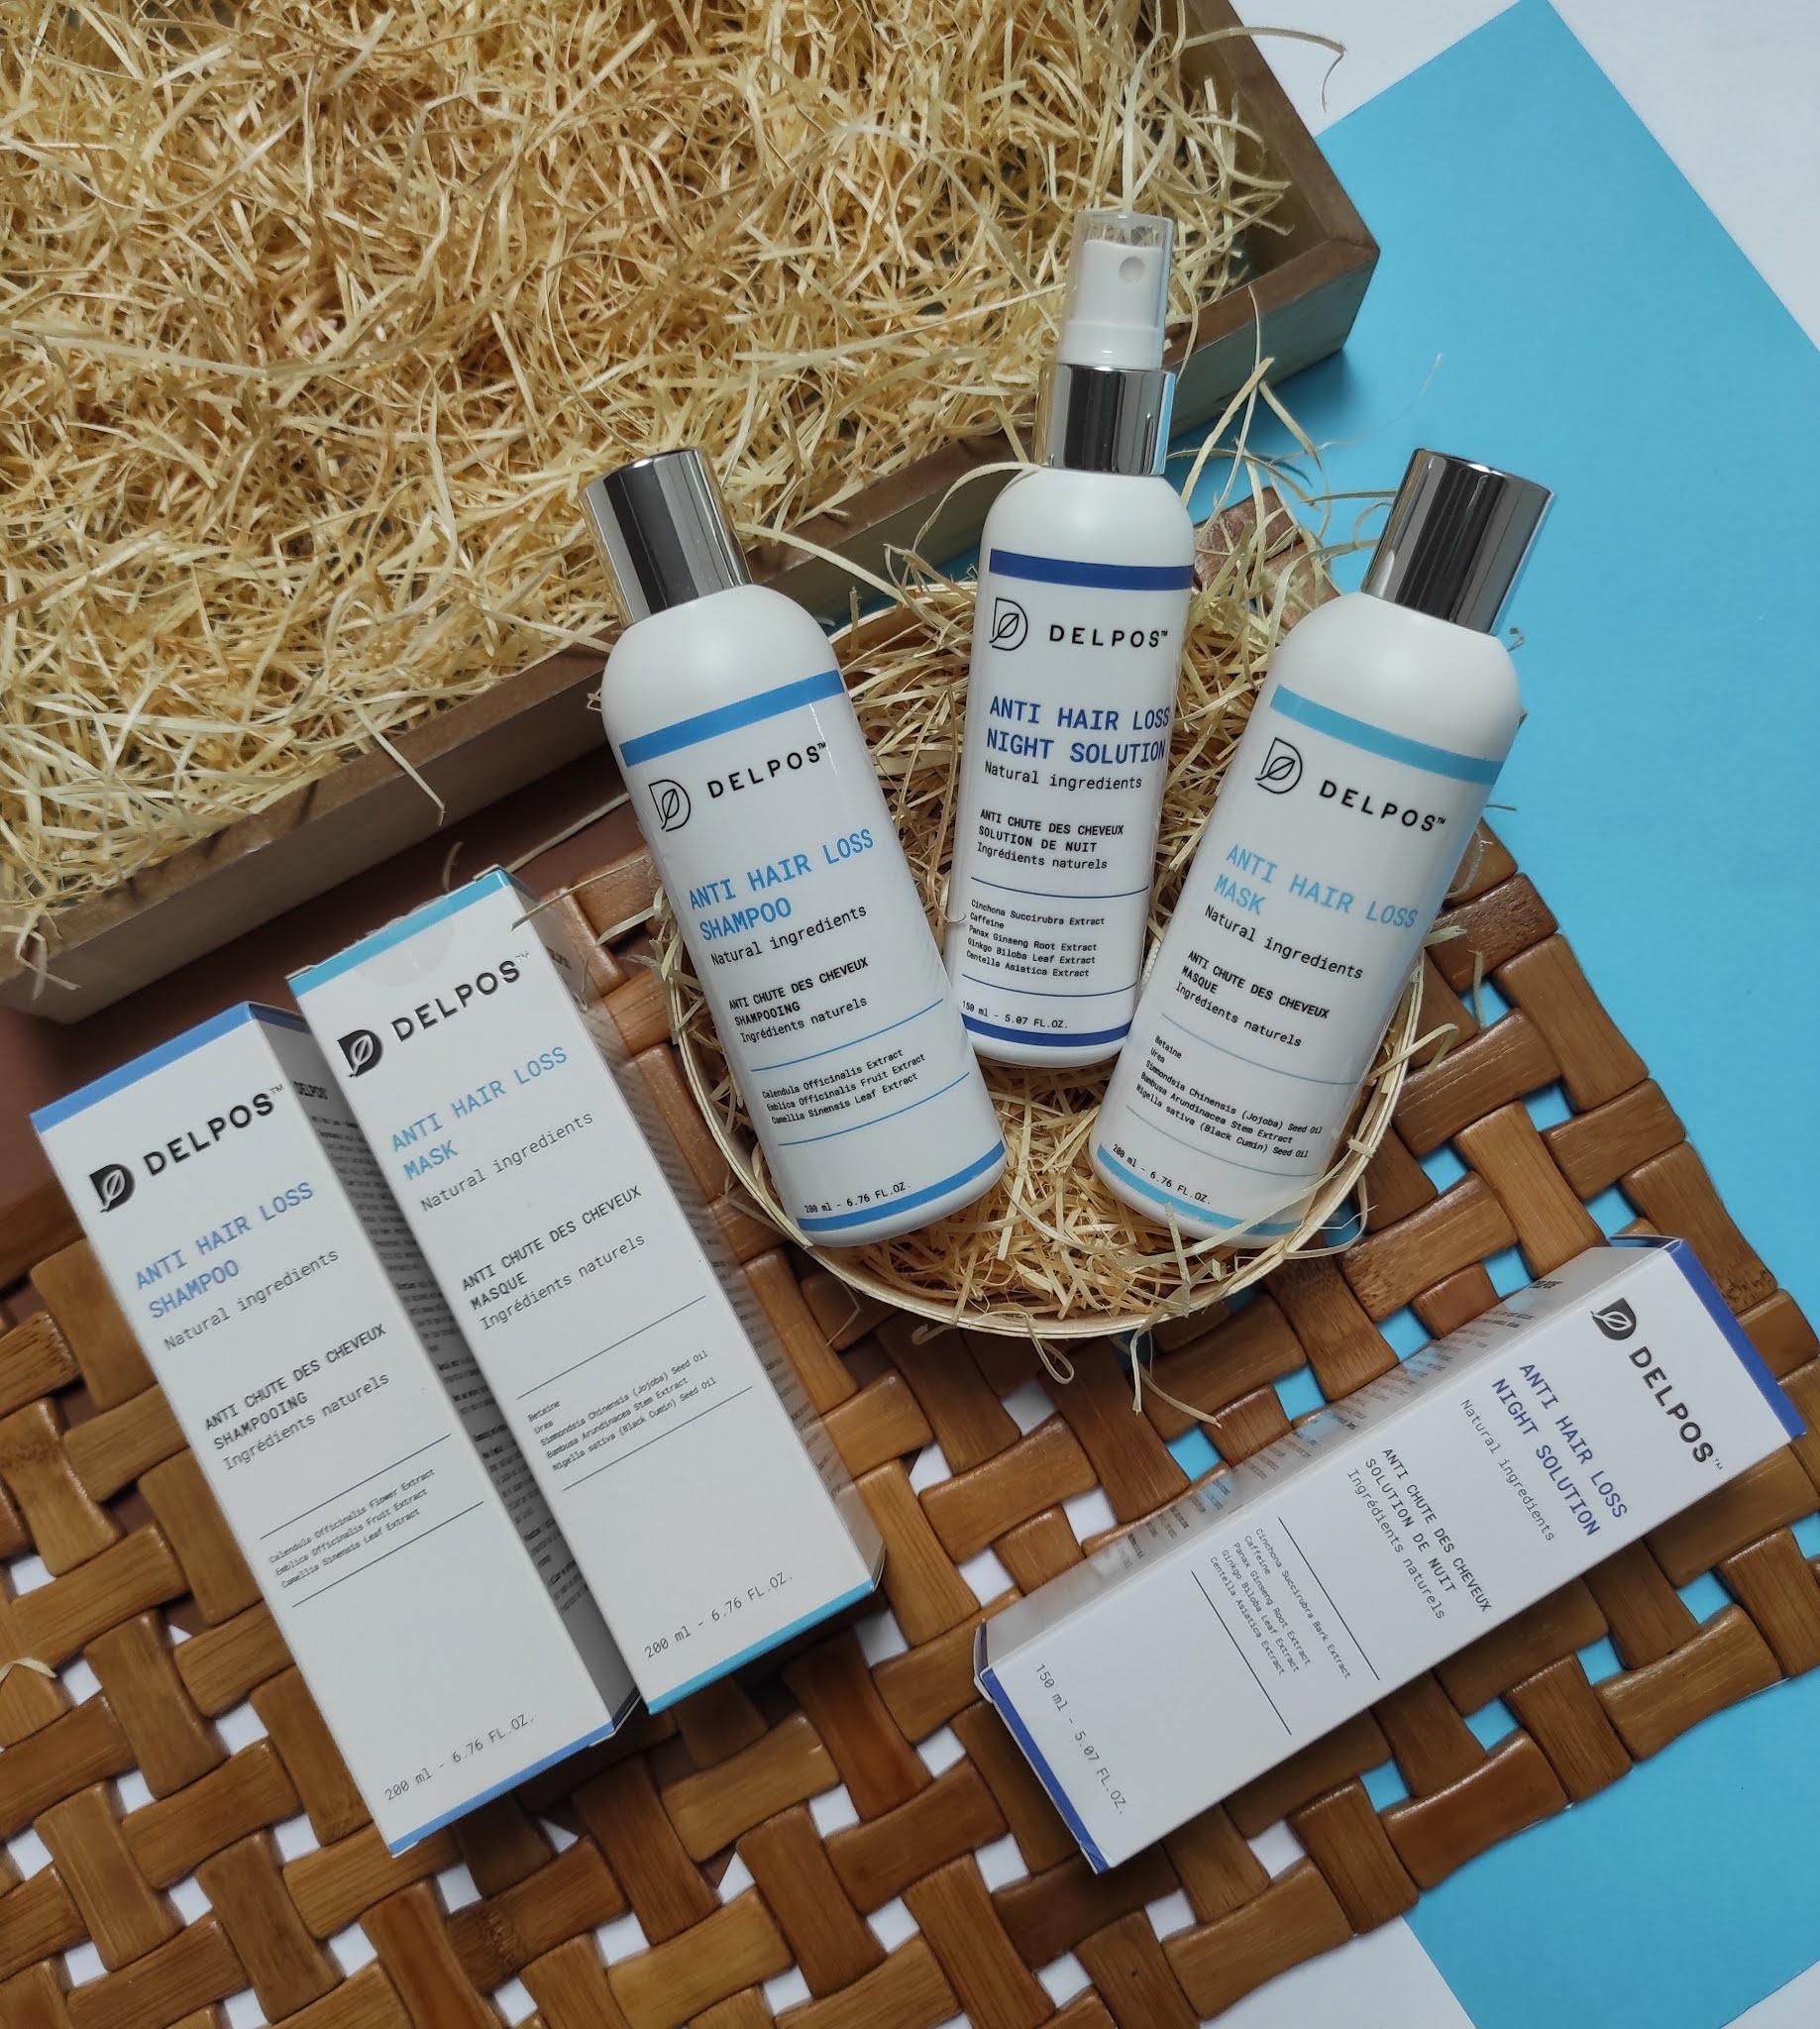 DELPOS - kosmetyki przeciw wypadaniu włosów - recenzja szamponu, odżywki i wcierki.